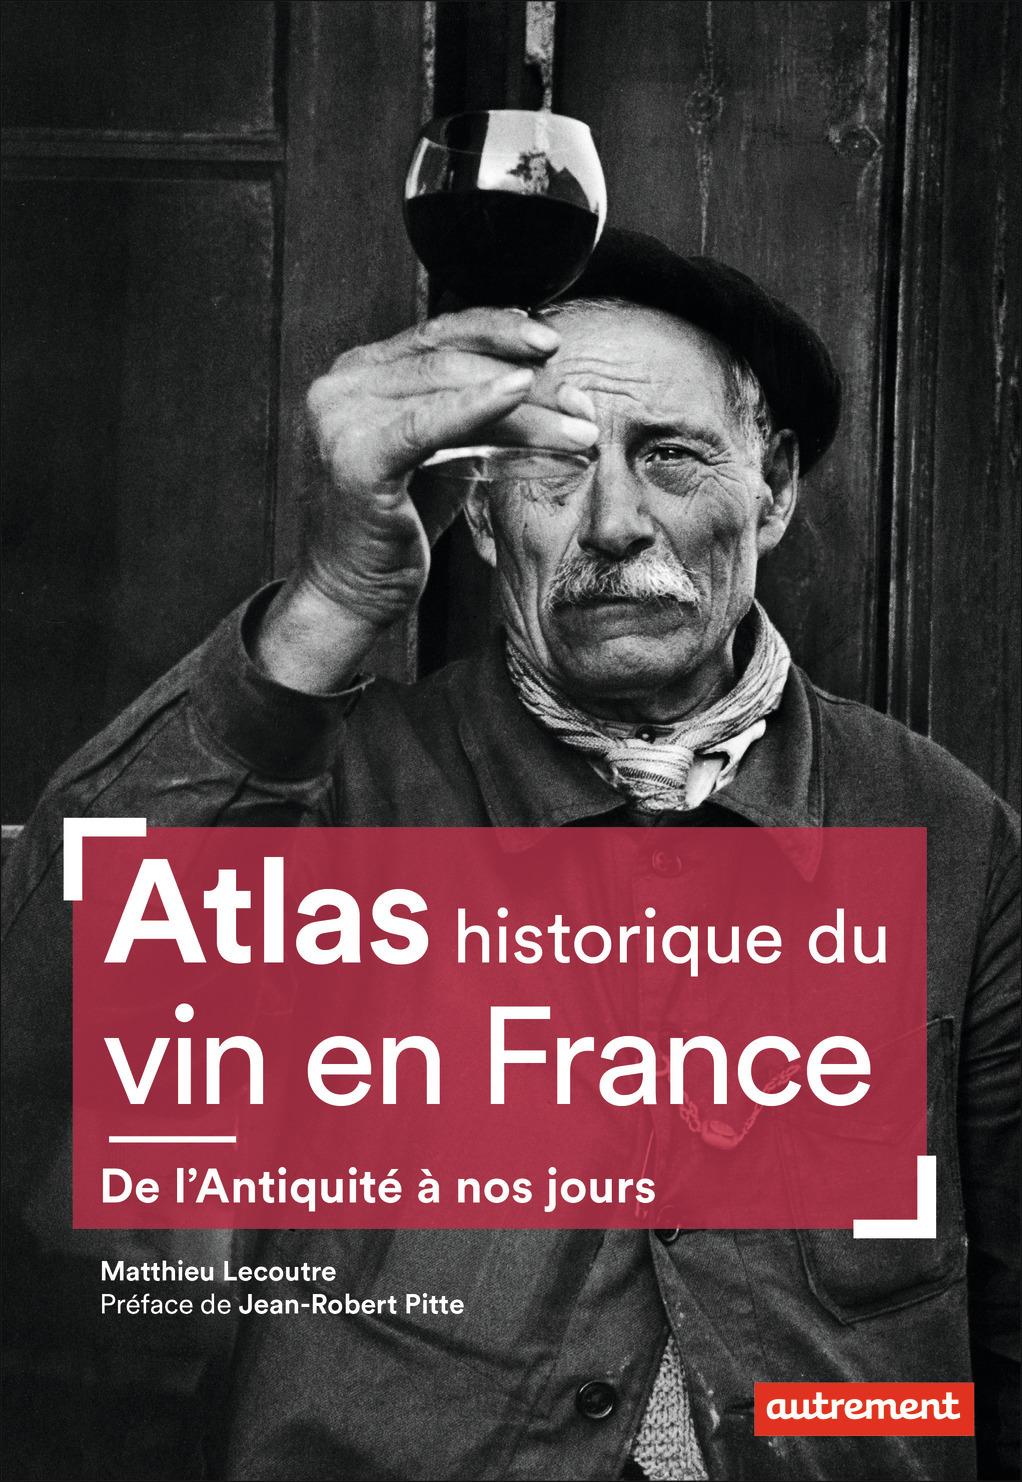 ATLAS HISTORIQUE DU VIN EN FRANCE - DE L'ANTIQUITE A NOS JOURS